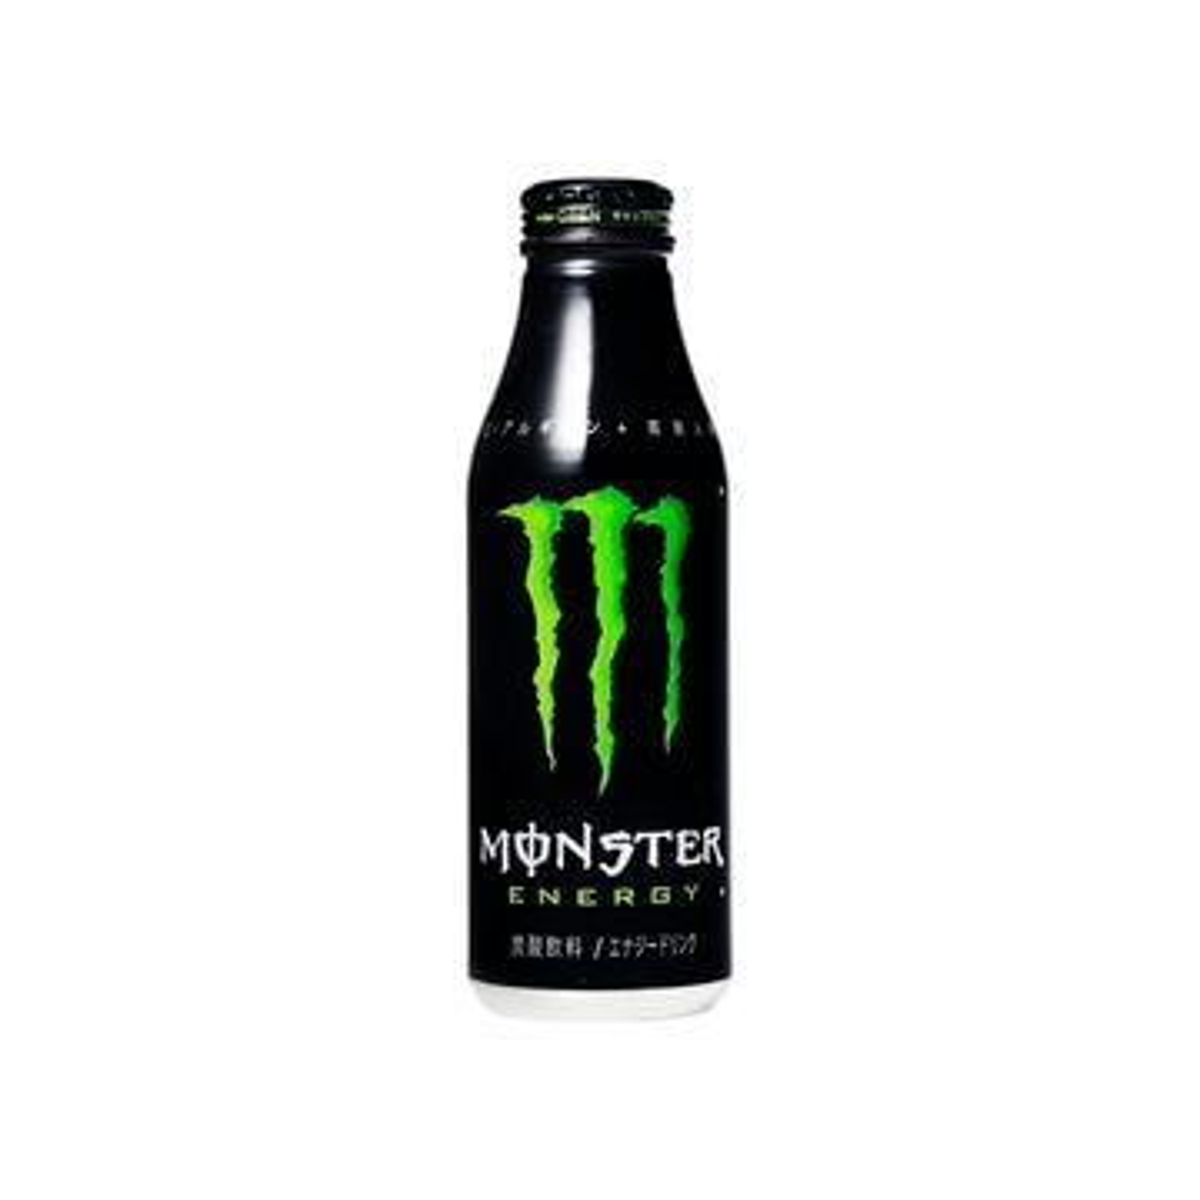 【24個入り】アサヒ モンスター エナジー ボトル缶 500ml